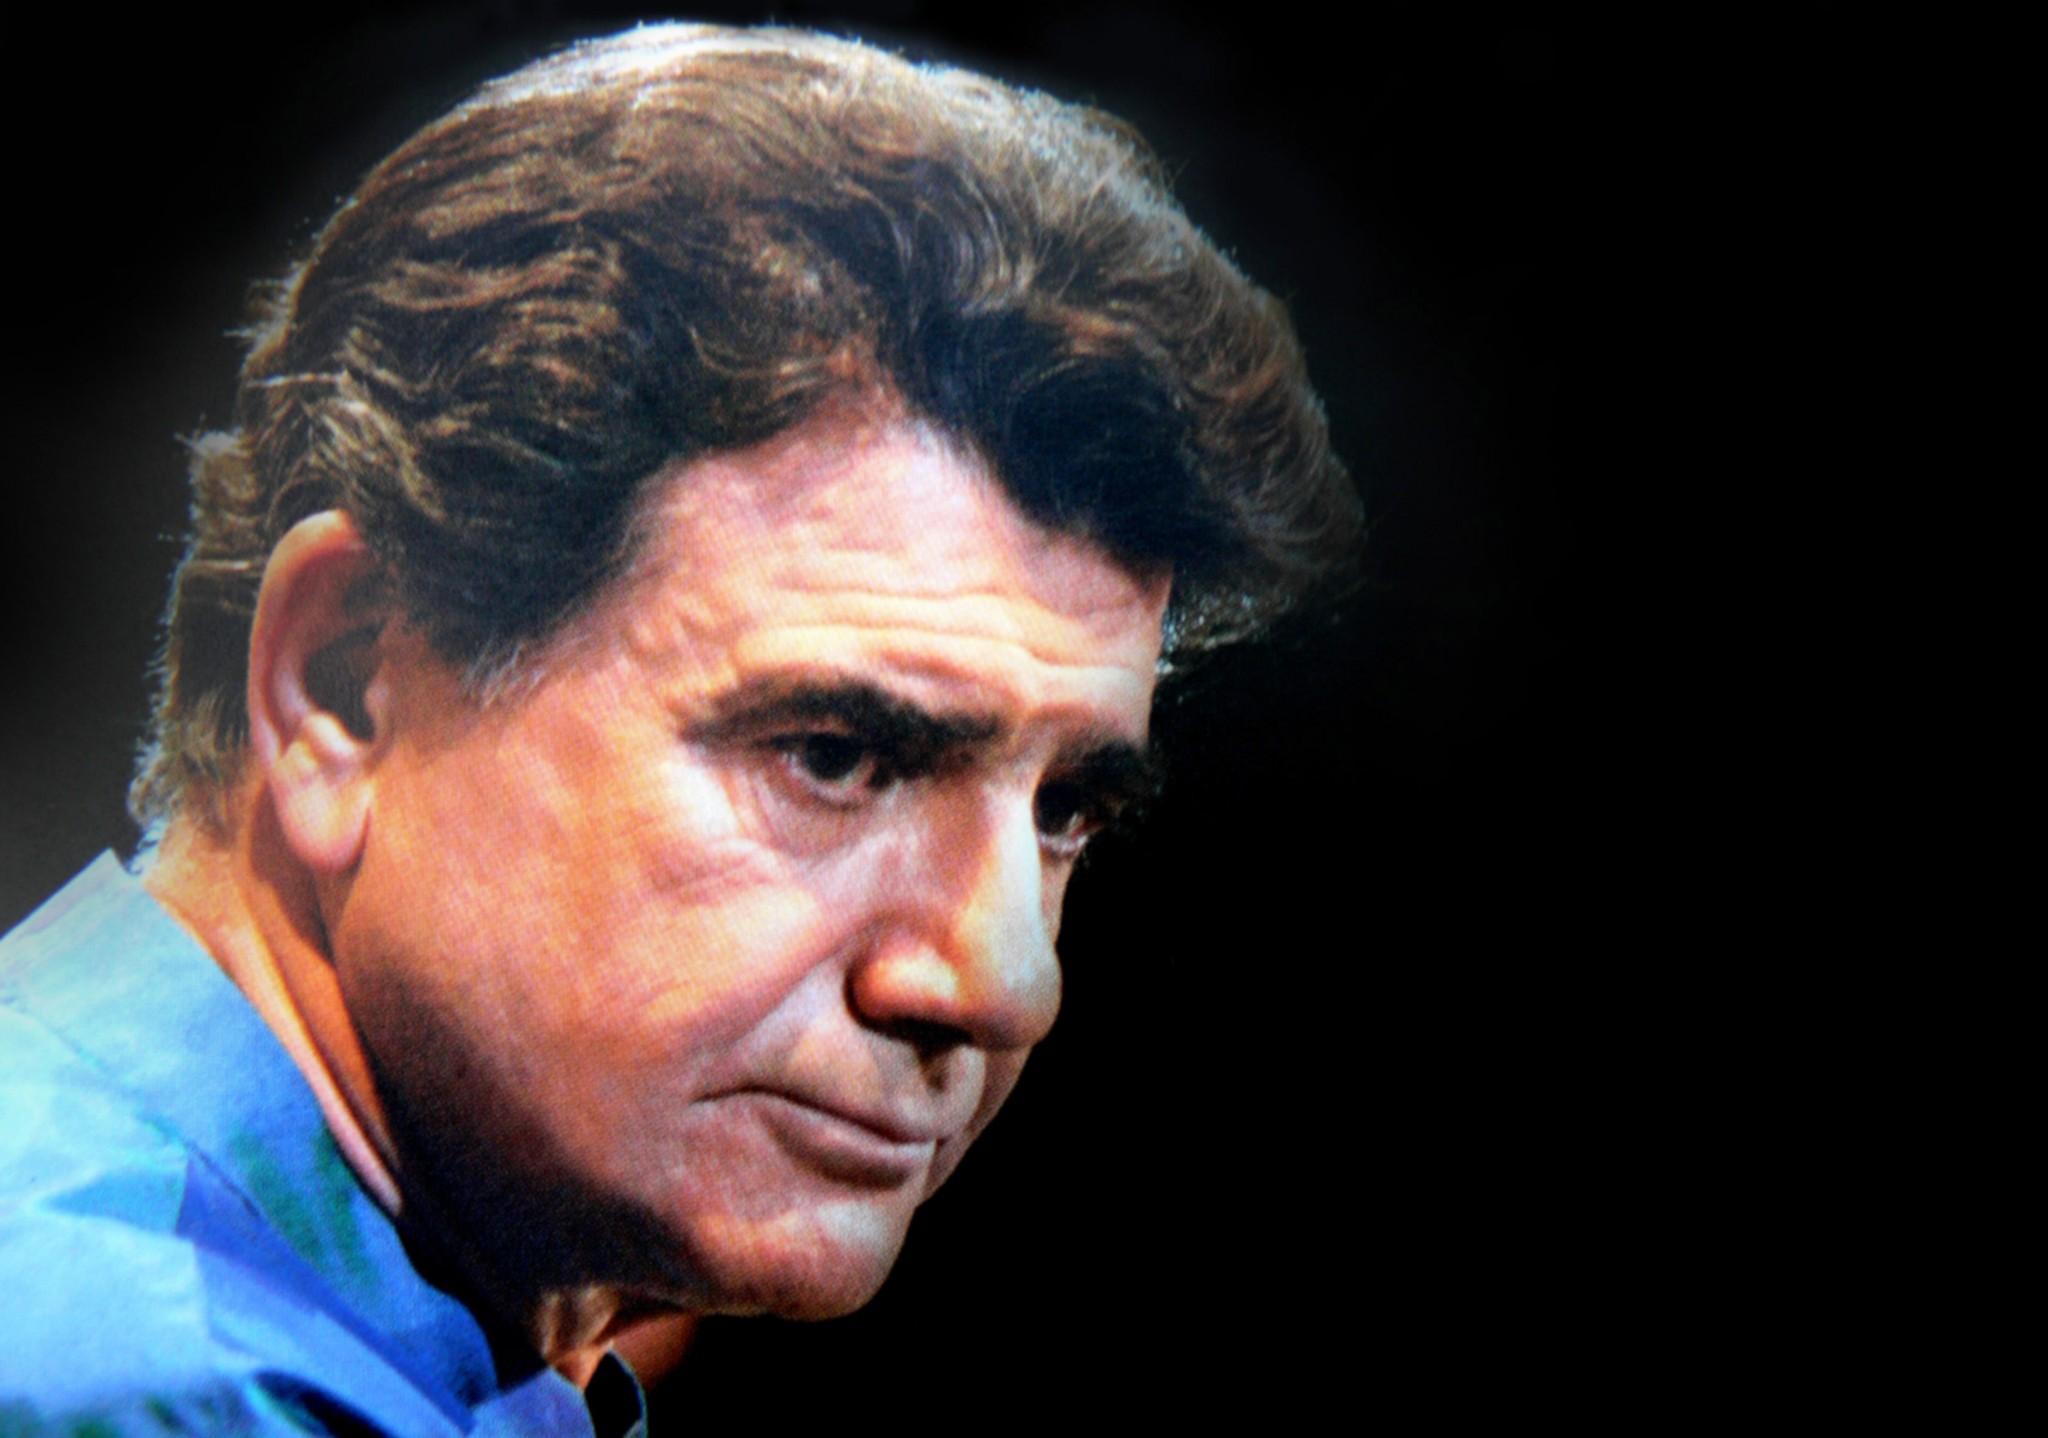 استاد آواز موسیقی ایرانی محمدرضا شجریان در لیست ۵۰ صدای برتر جهان قرار گرفت در طی یک نظرسنجی که در رادیوی عمومی آمریکا برگزار شد.